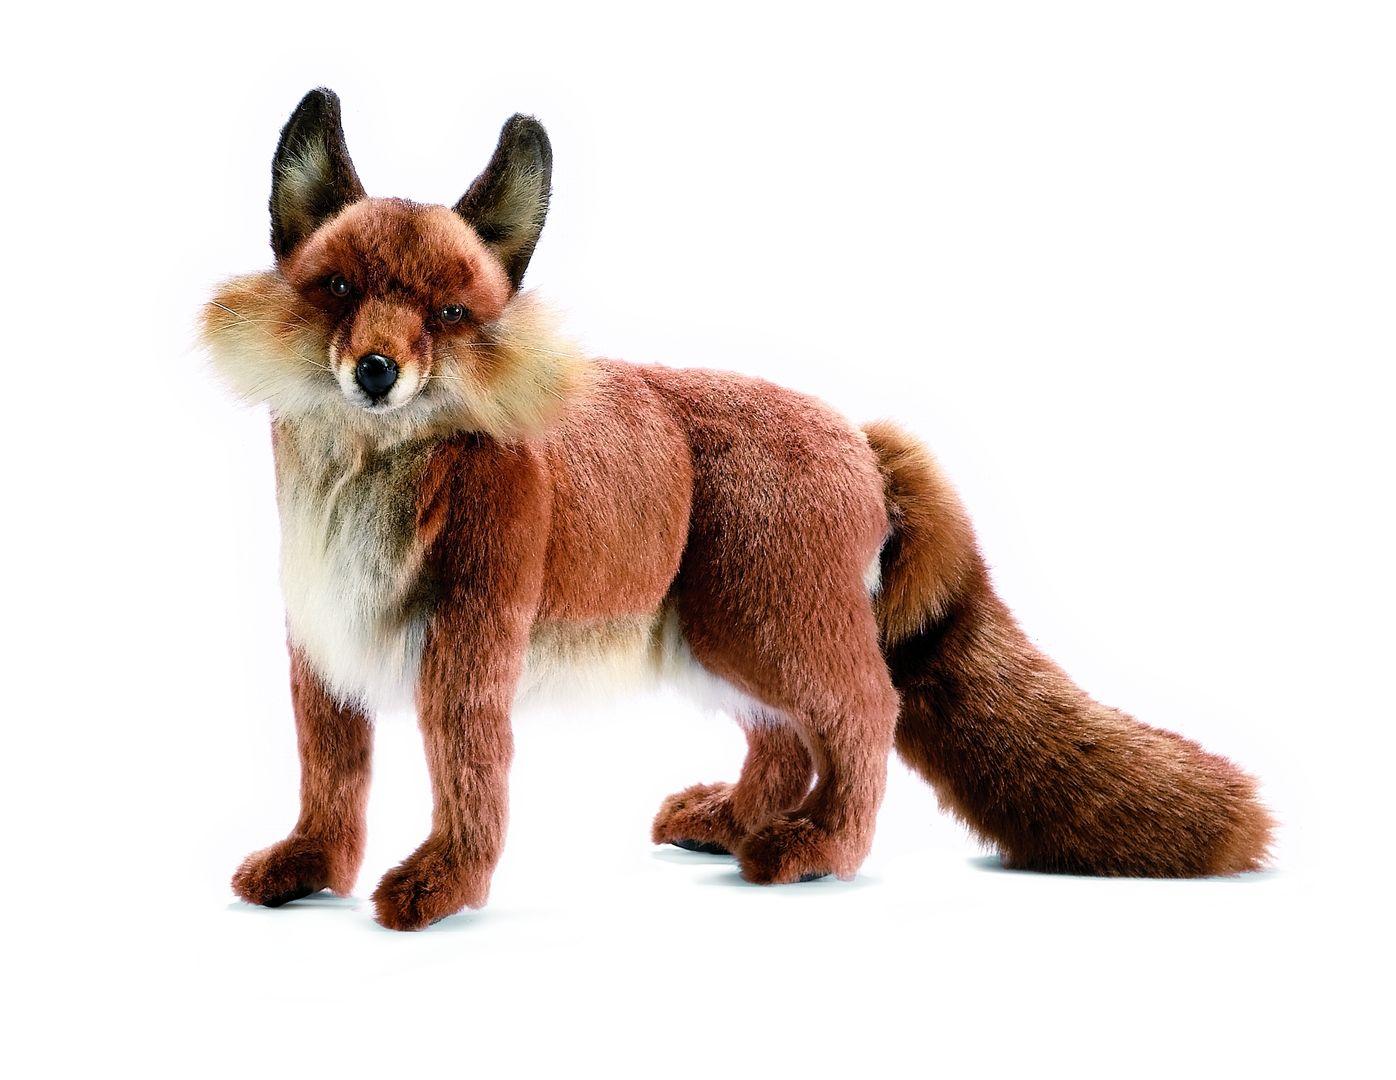 Лисица рыжая, 62 смБольшие игрушки (от 50 см)<br>Лисица рыжая, 62 см<br>